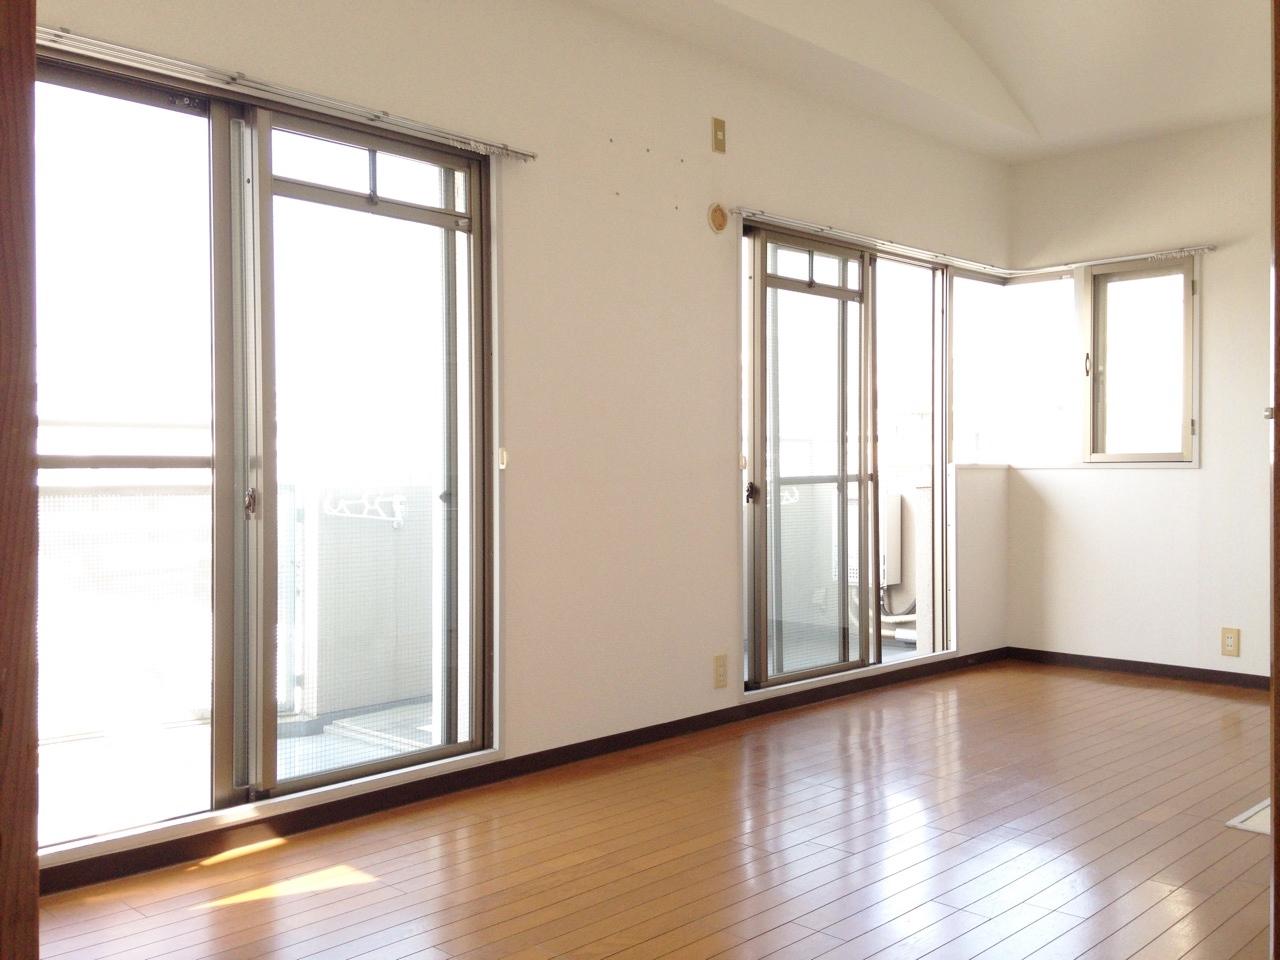 解放感ある広い窓から光がさします。